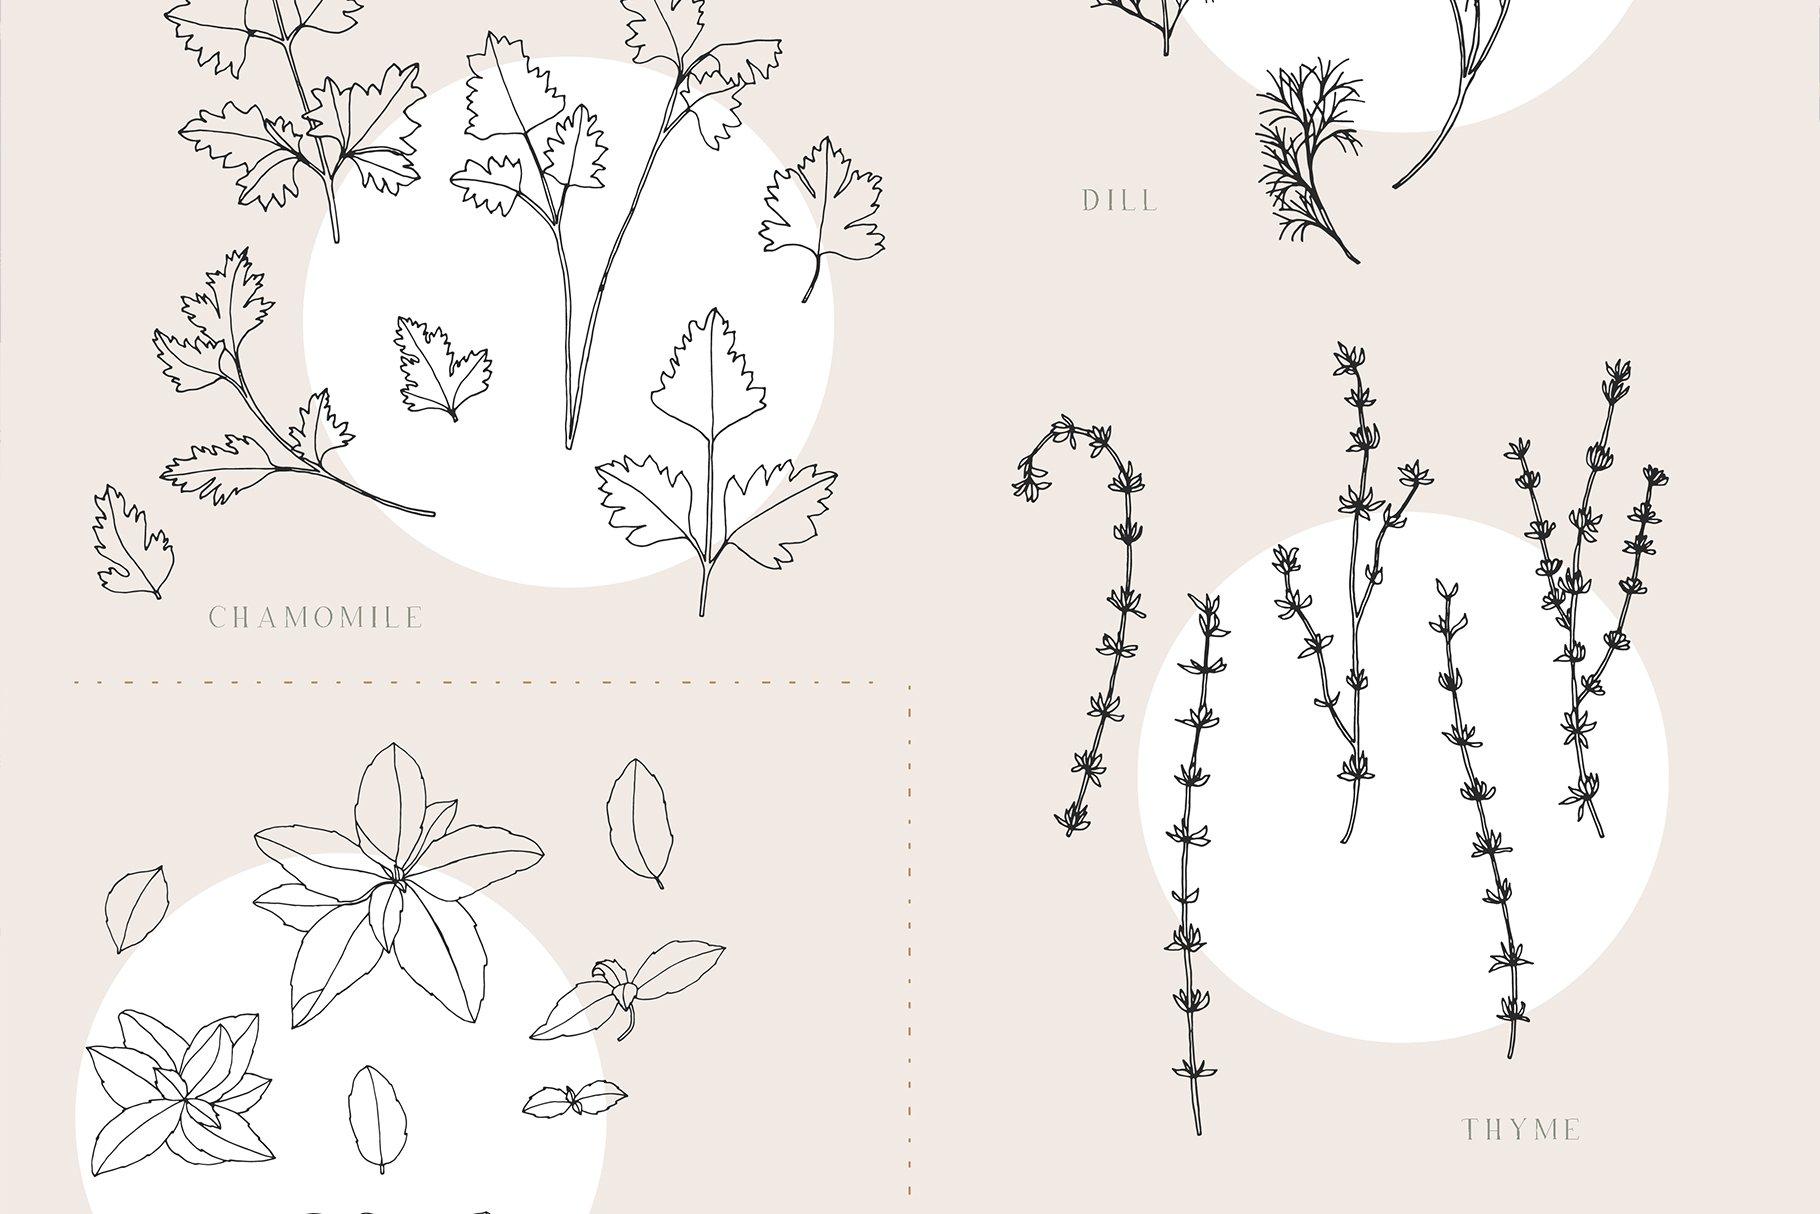 优雅中药草药花草手绘无缝隙矢量图案设计素材 Herbs Patterns & Illustrations插图7